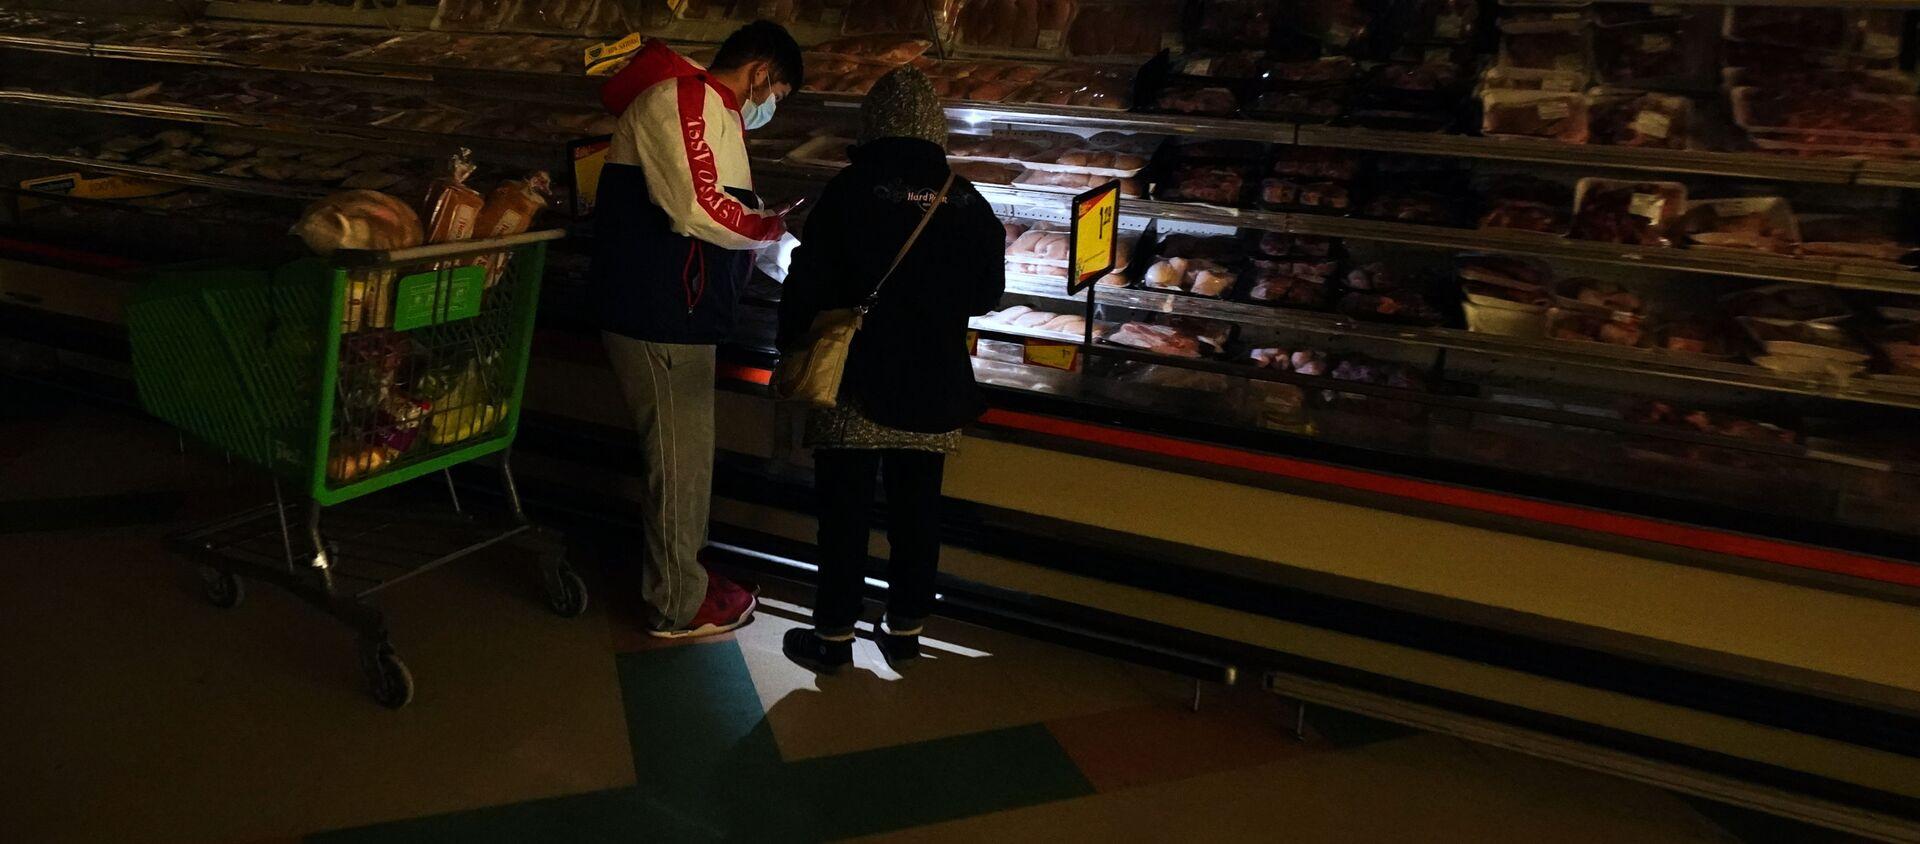 Kupujący w supermarkecie w Dallas, Teksas - Sputnik Polska, 1920, 21.02.2021